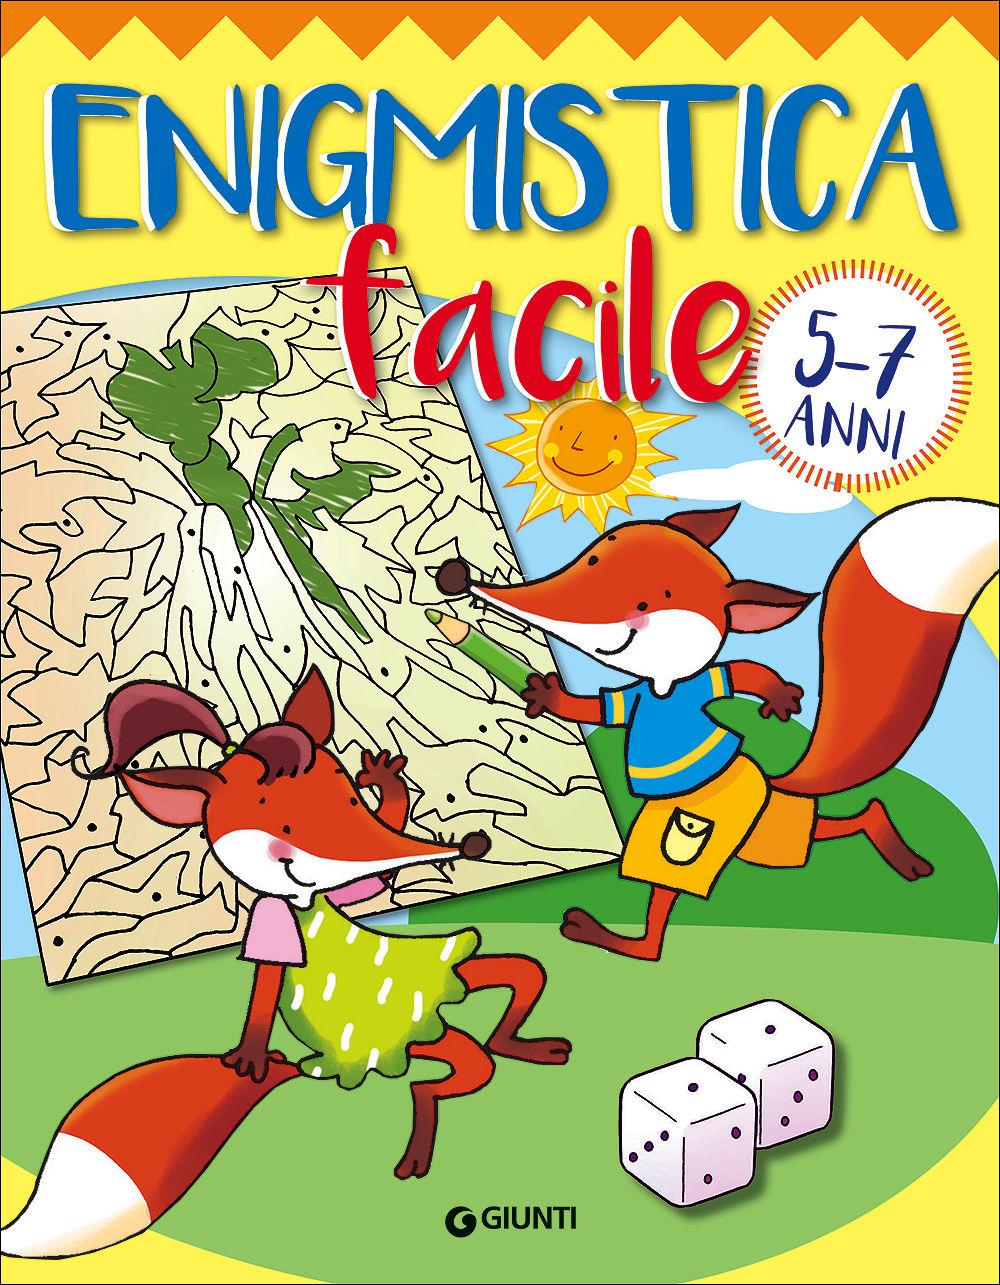 Enigmistica facile - 5-7 anni